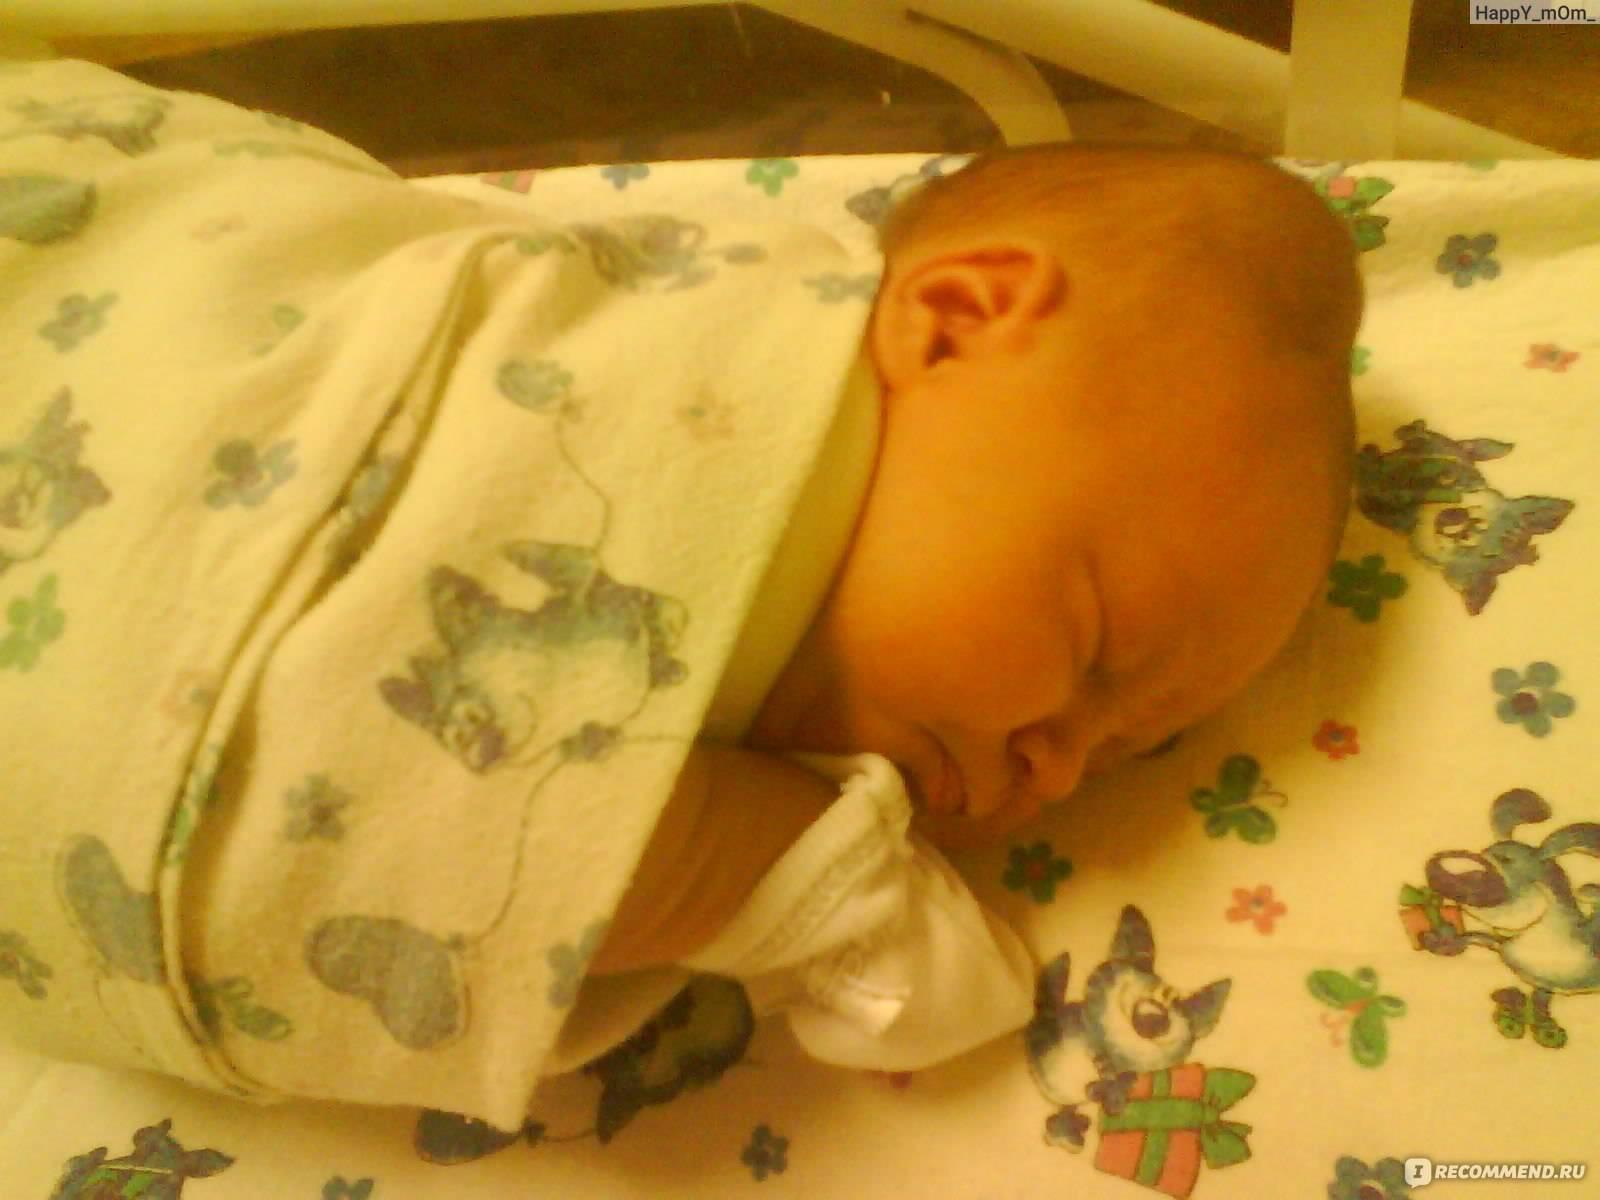 Гематома на голове у новорожденного после родов: когда проходит, последствия